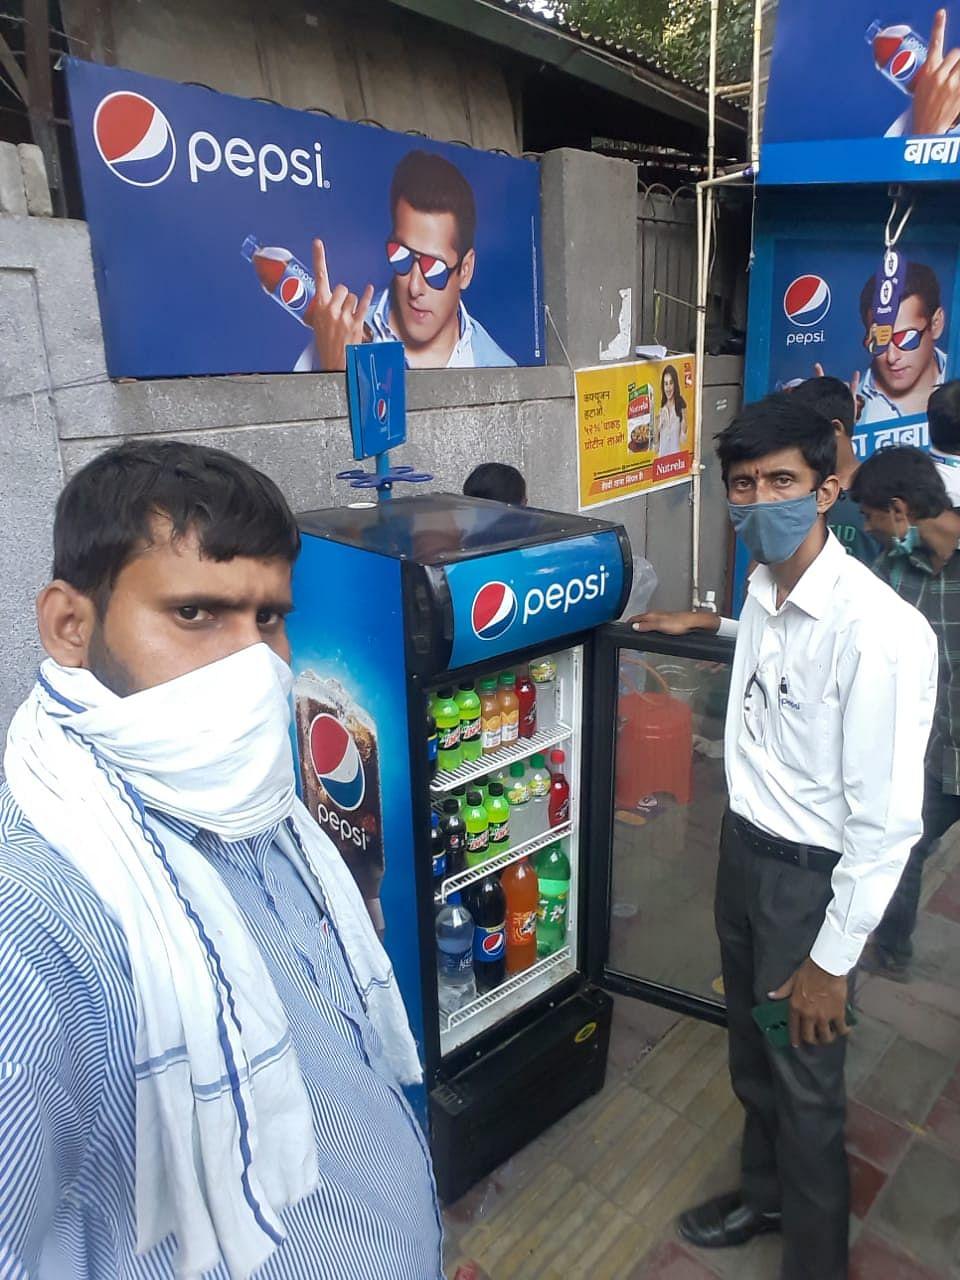 Baba Ka Dhaba Pepsified, gets a full Pepsi makeover